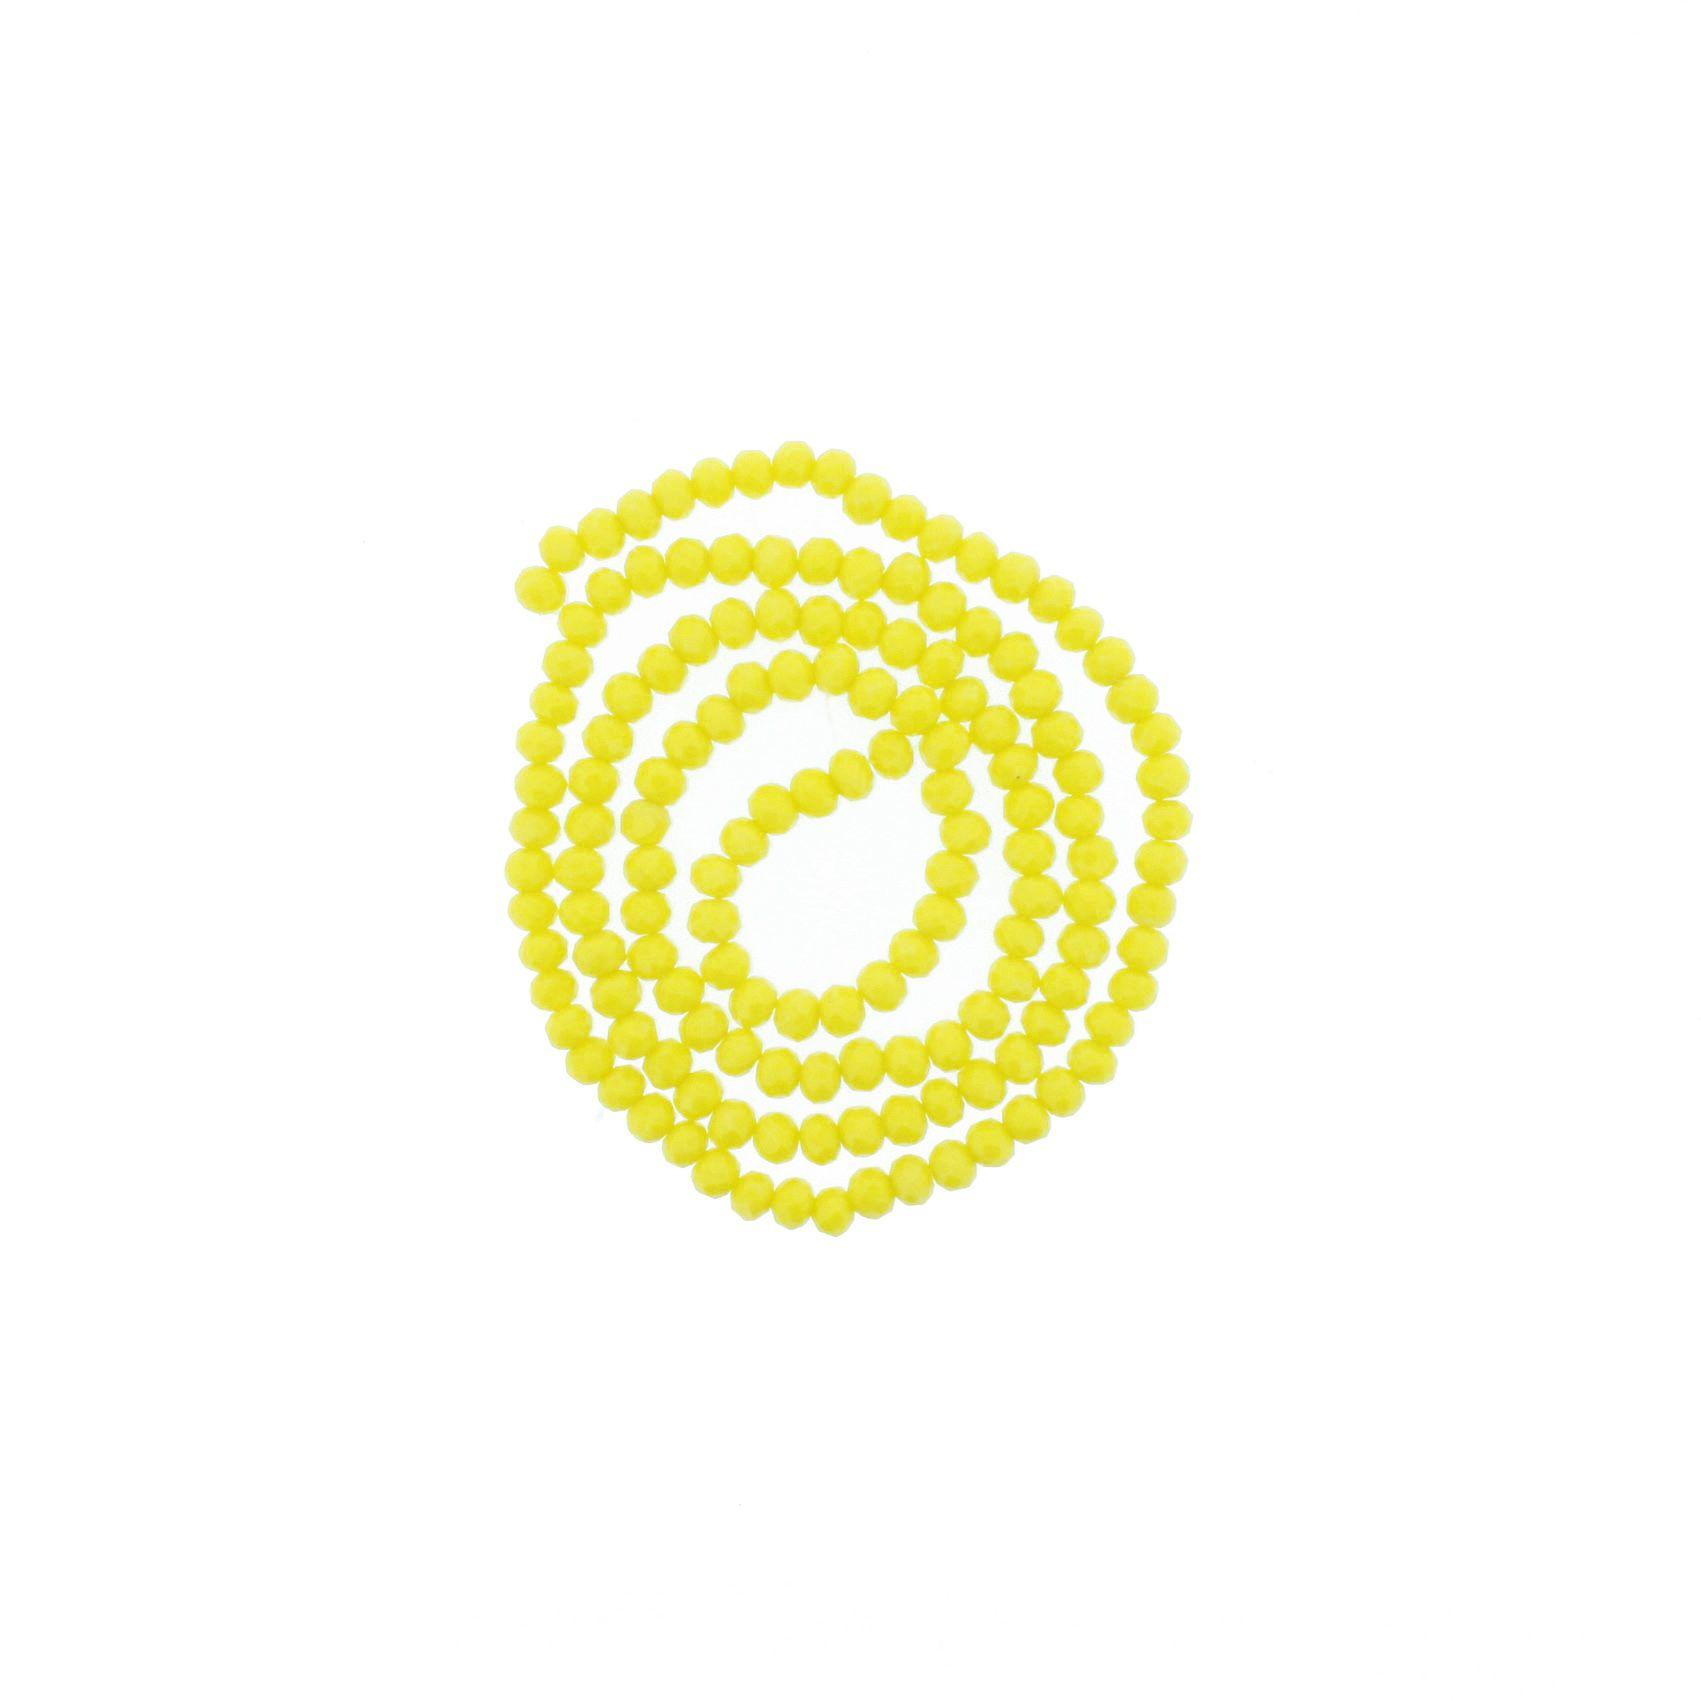 Fio de Cristal - Flat® - Amarelo - 4mm  - Stéphanie Bijoux® - Peças para Bijuterias e Artesanato